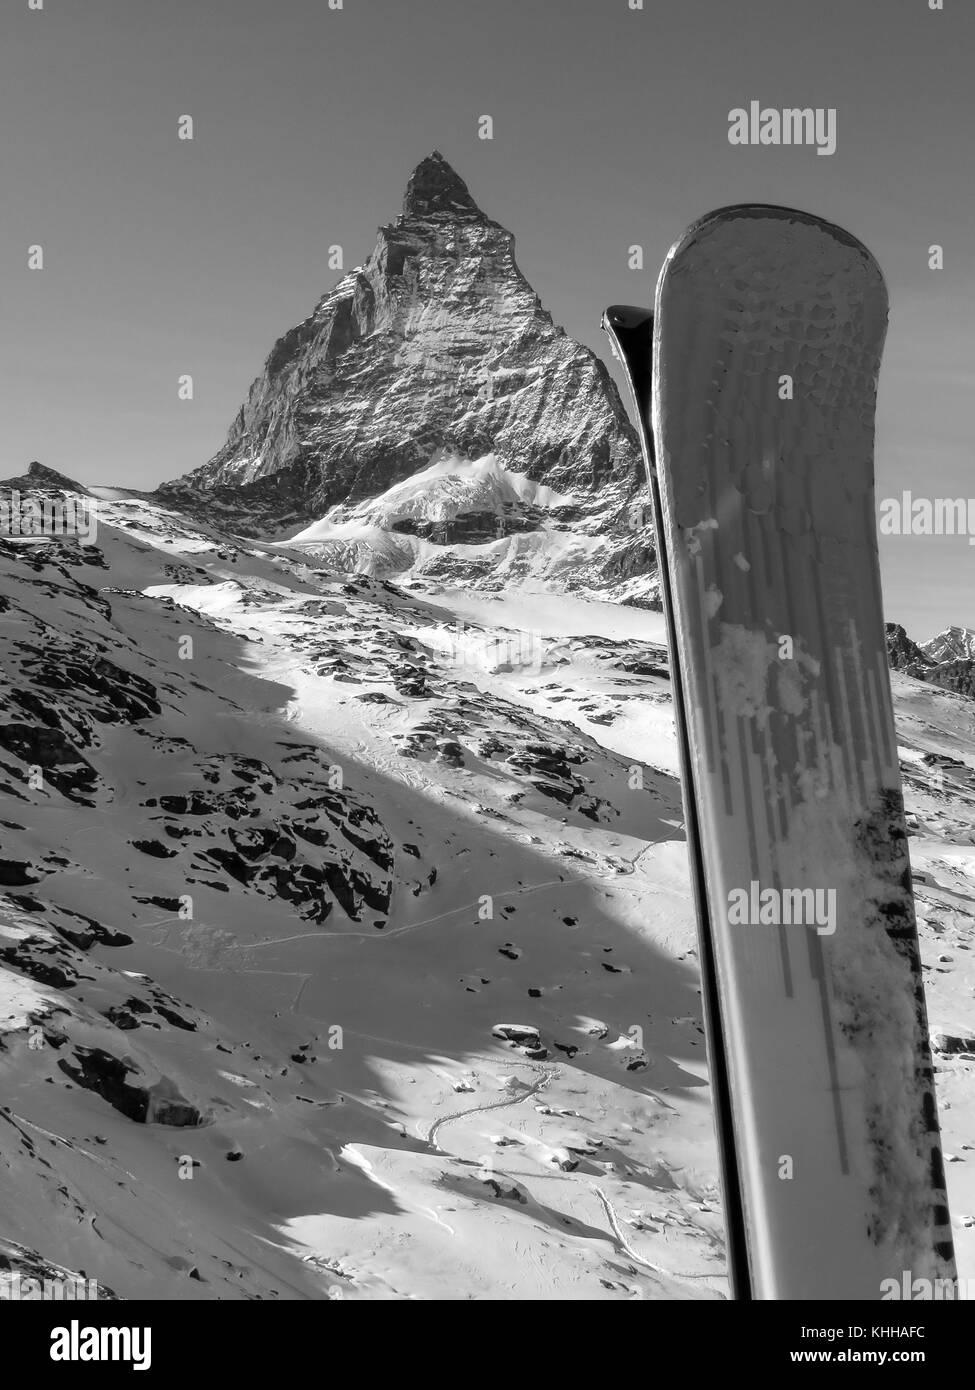 Zermatt Matterhorn Gipfel Gletscher Skigebiet in der Schweiz Schweizer Alpen Berge Schnee Winter Reisen Lage Ski Stockbild